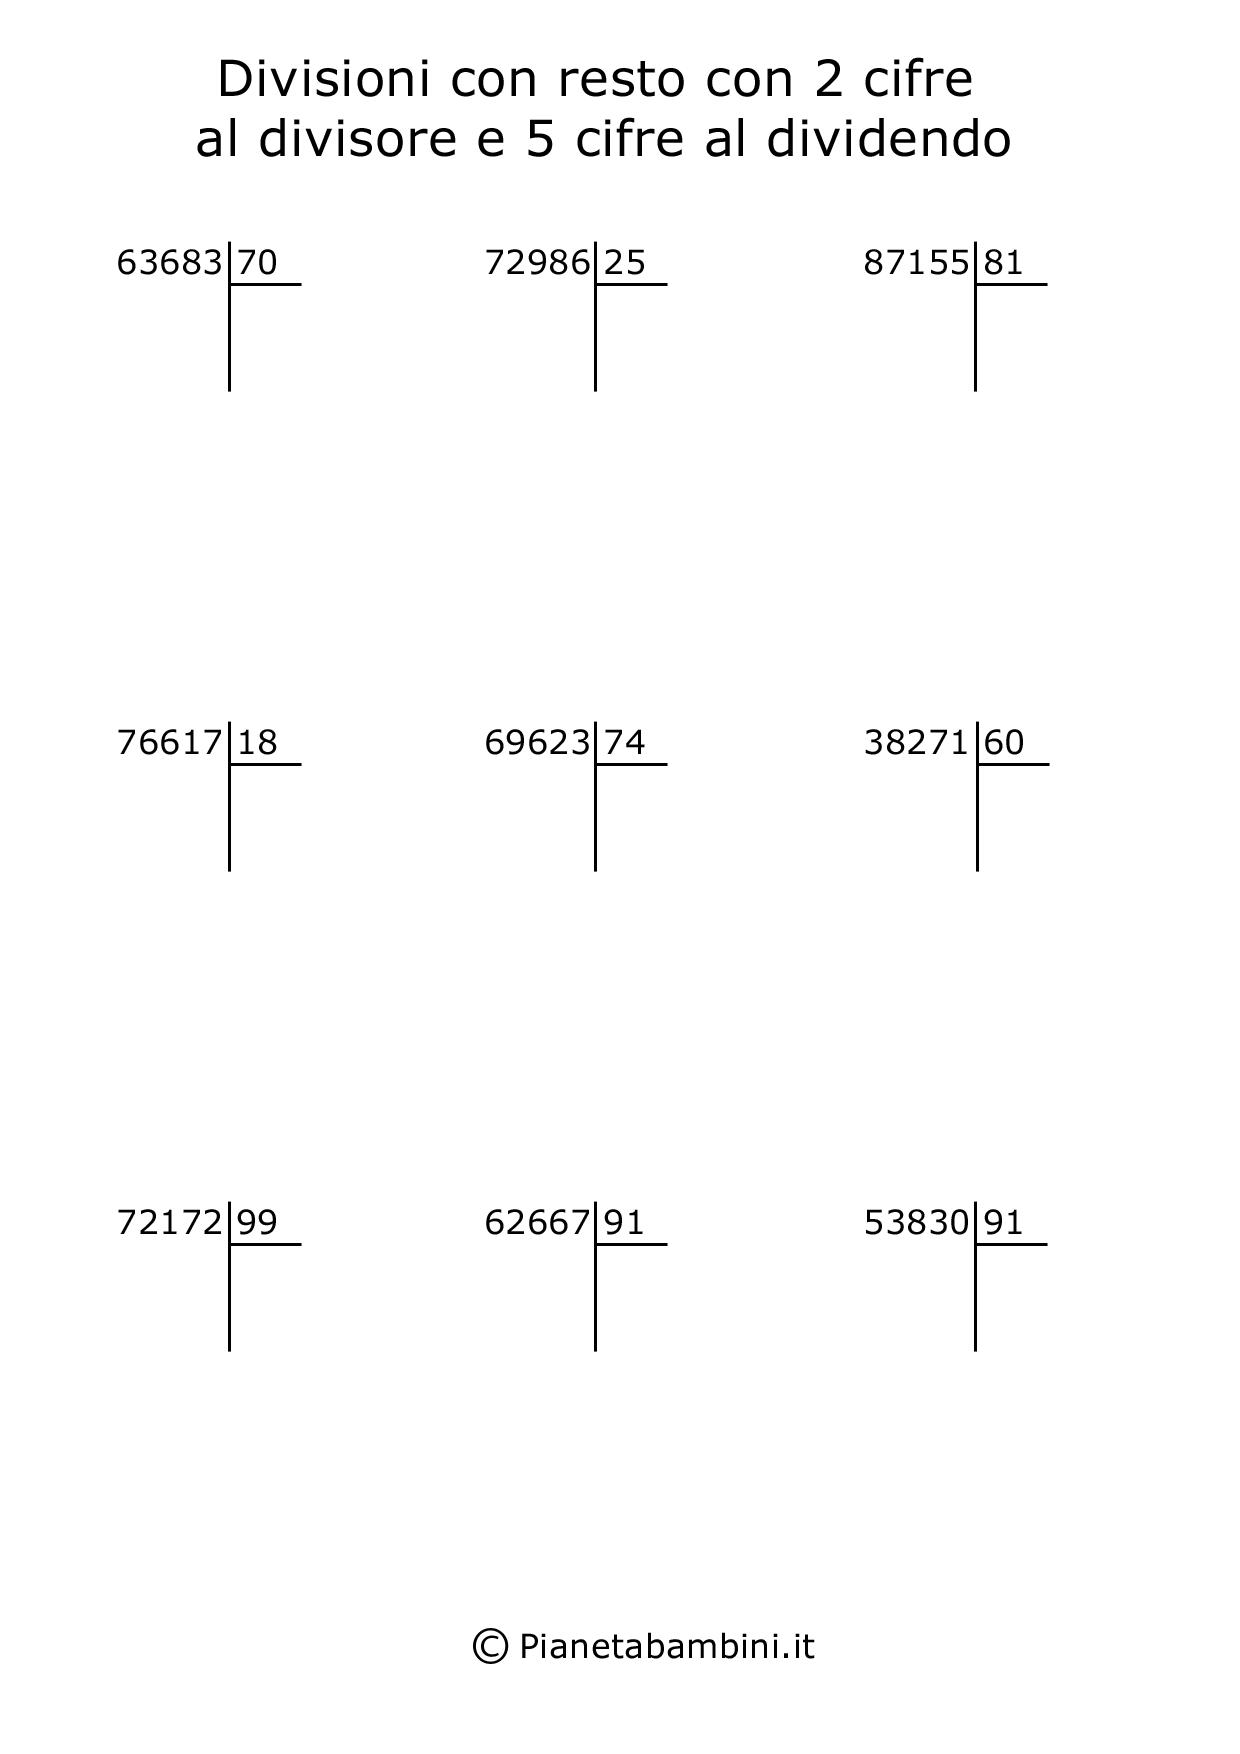 Divisioni-2-Cifre-2X5-Con-Resto_03